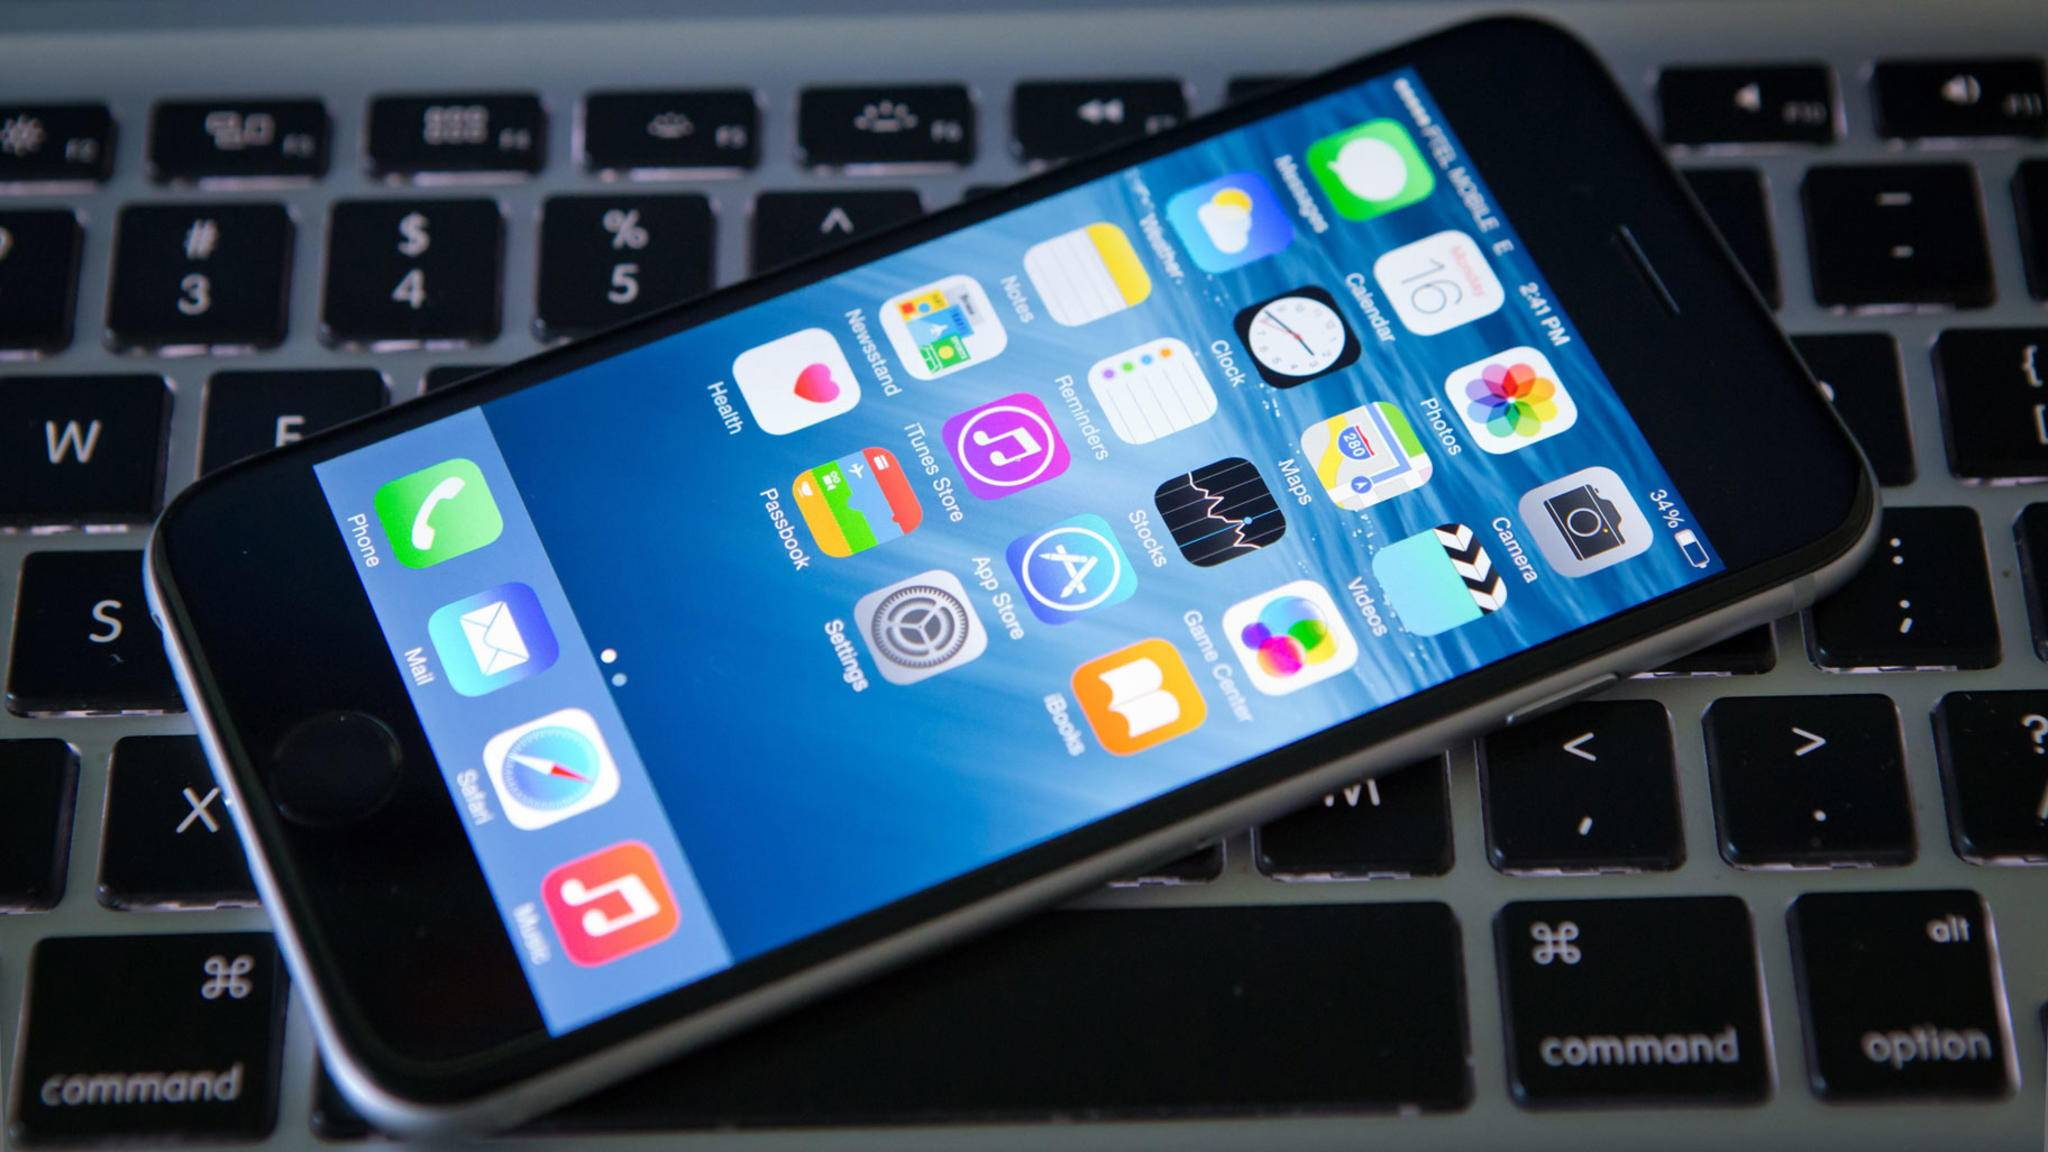 Das iPhone arbeitet nicht nur mit dem MacBook hervorragend zusammen.